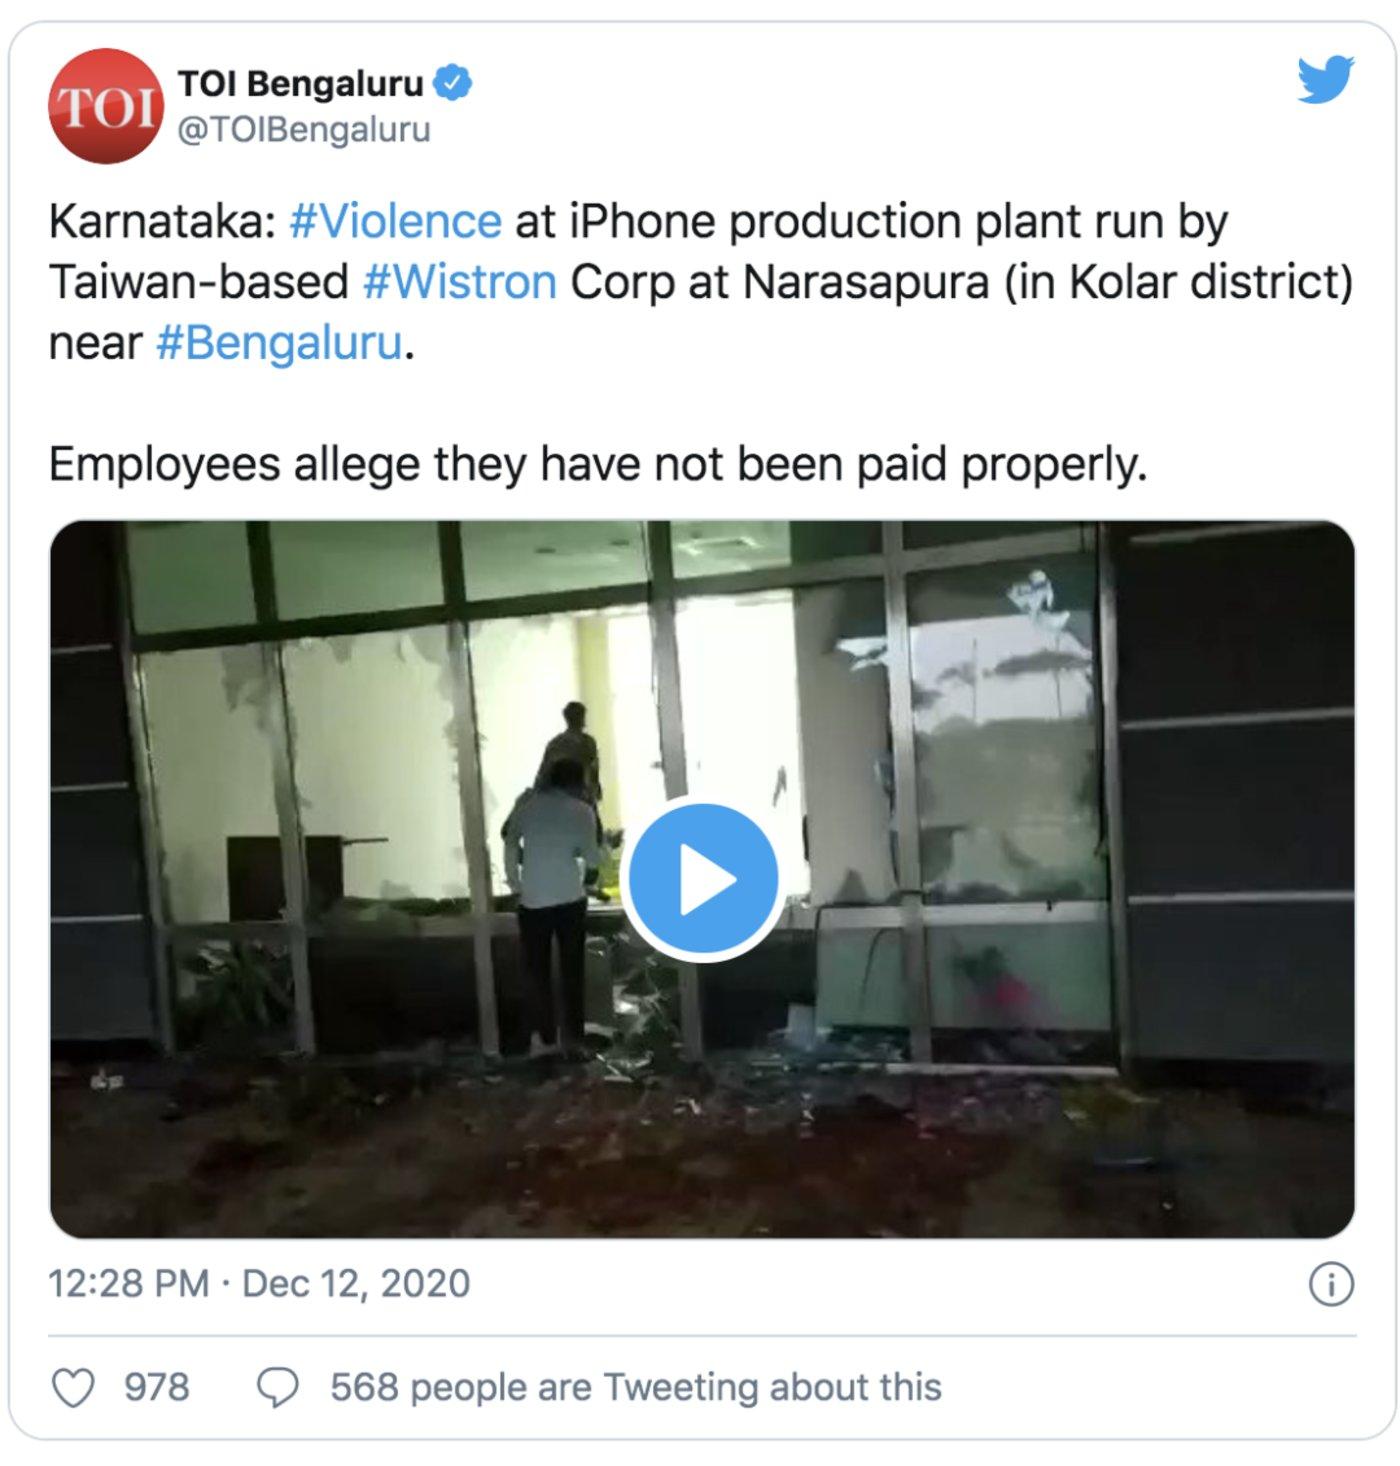 印度媒体报道纬创位于纳尔萨普尔的工厂遭到破坏/Twitter